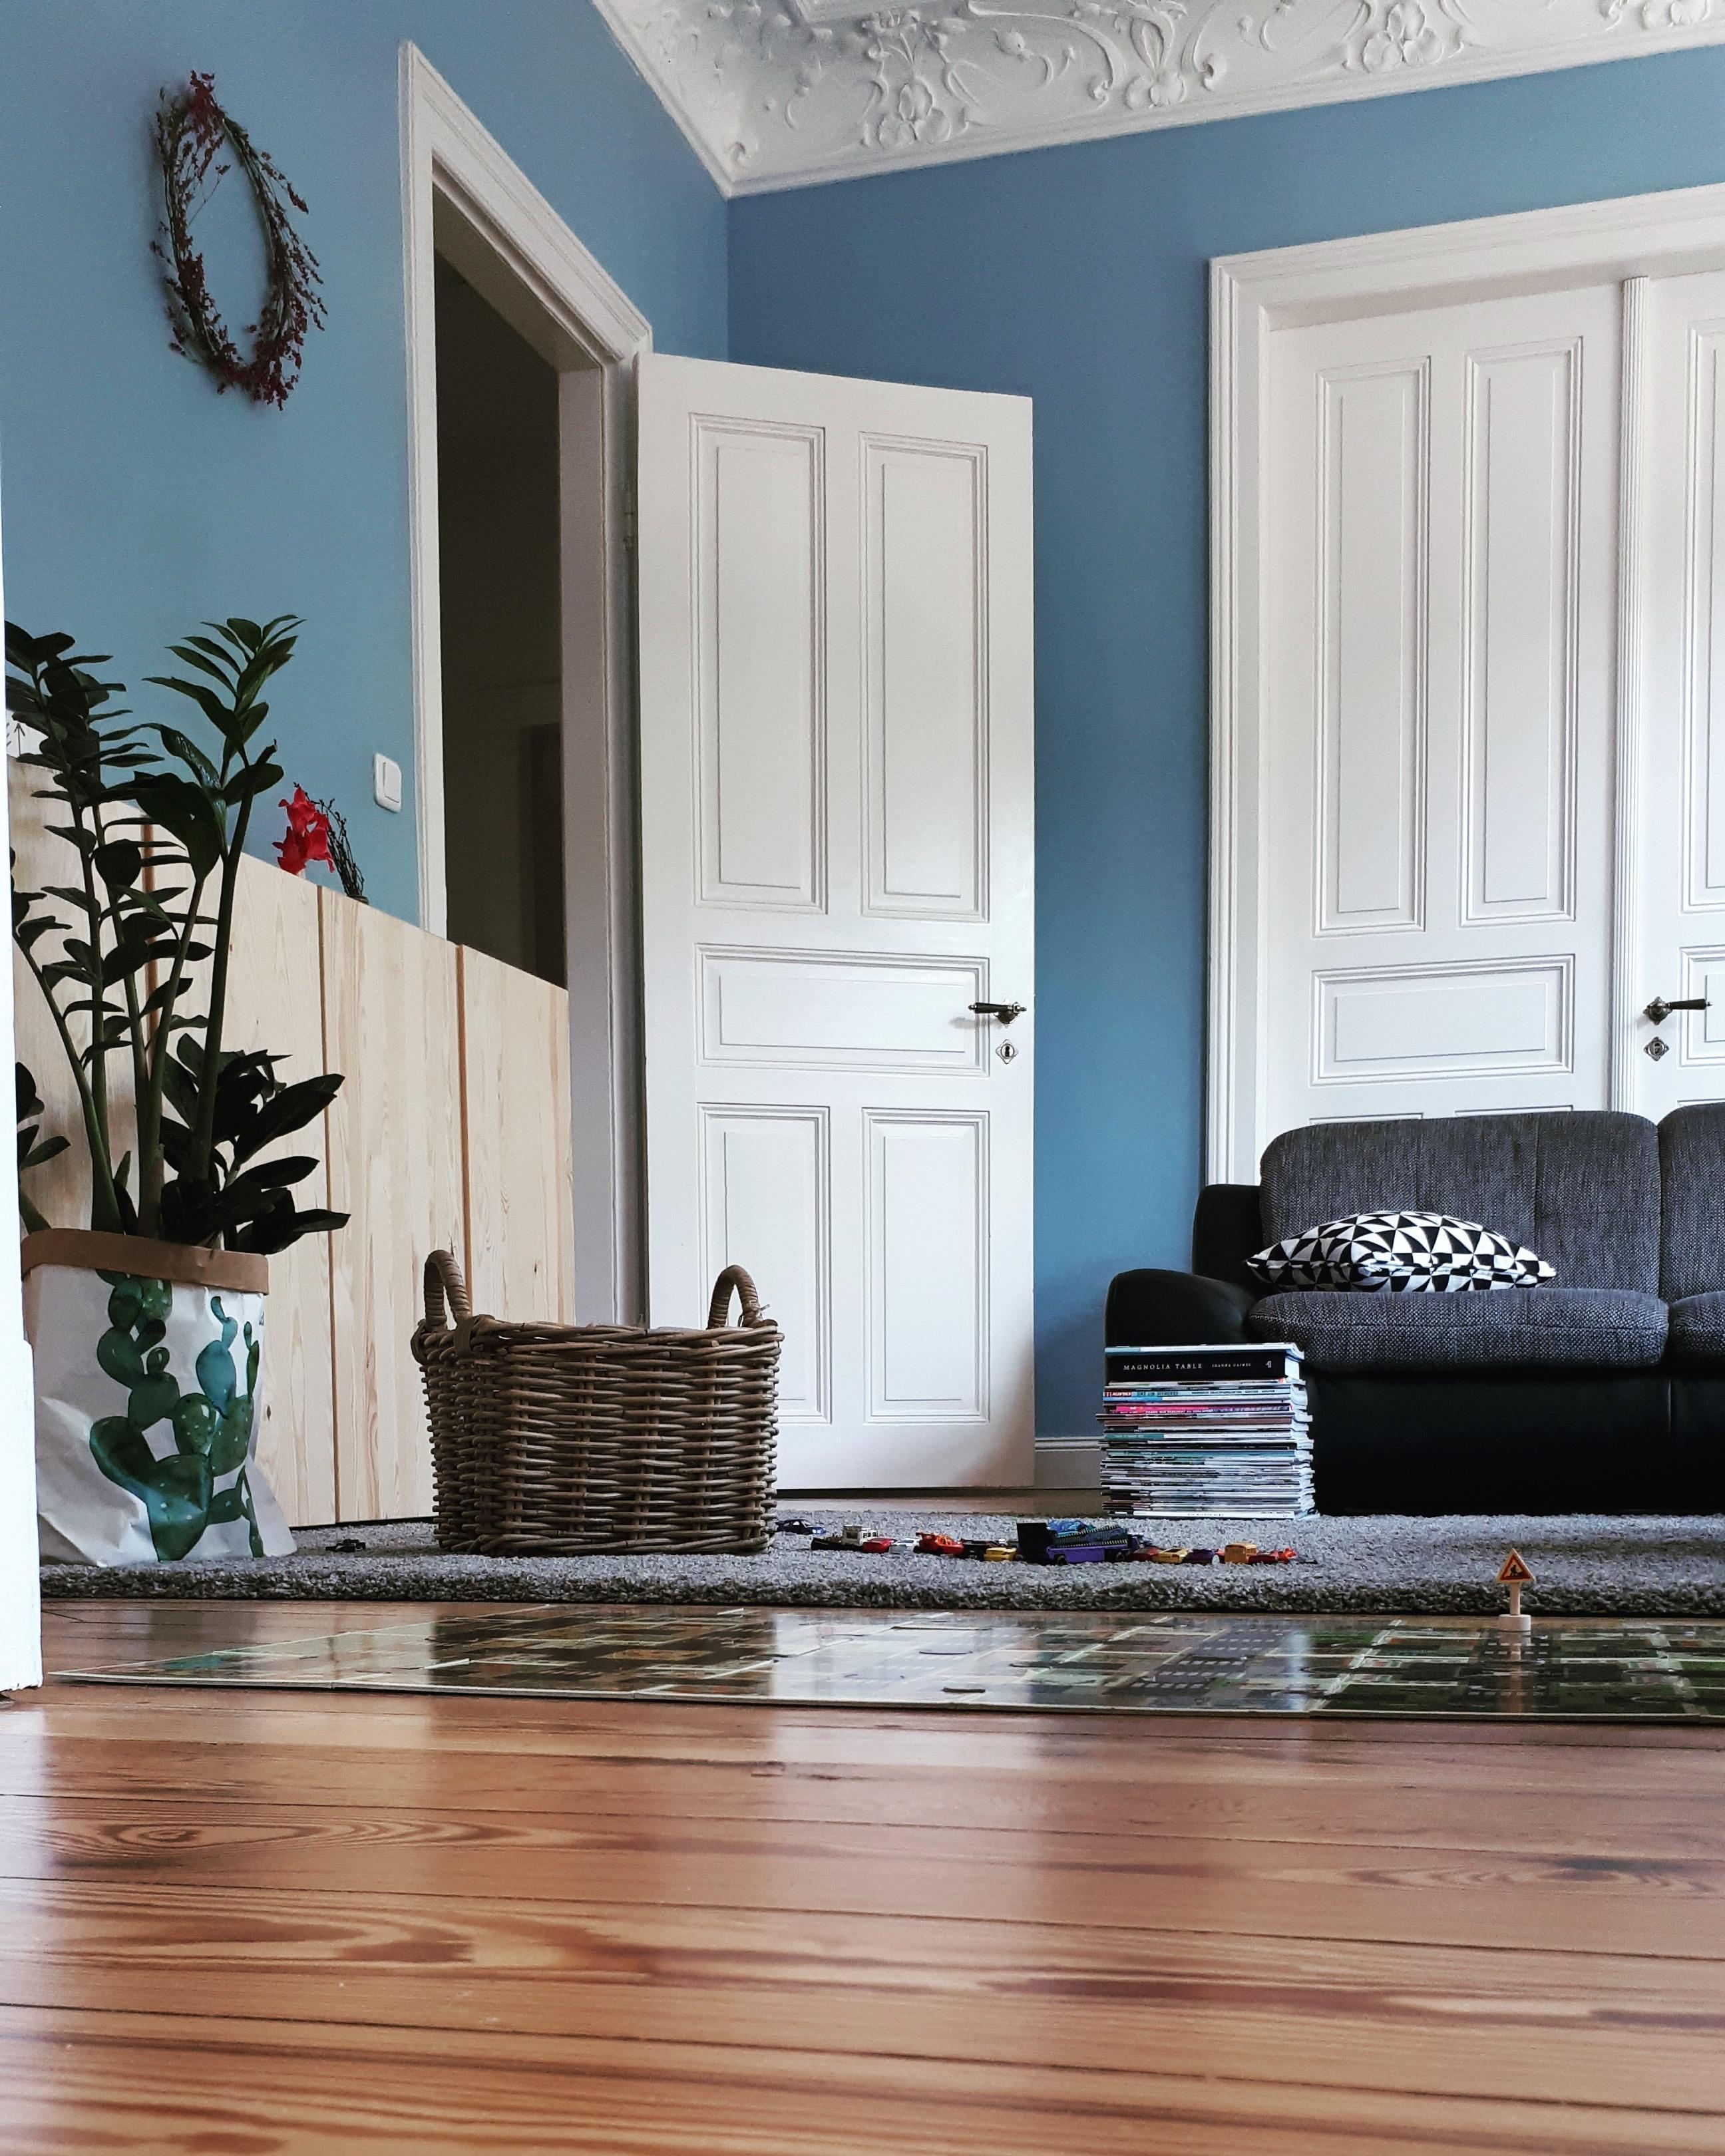 Ein Ruhiger Ferienmorgen Wohnzimmer Bunt Altba